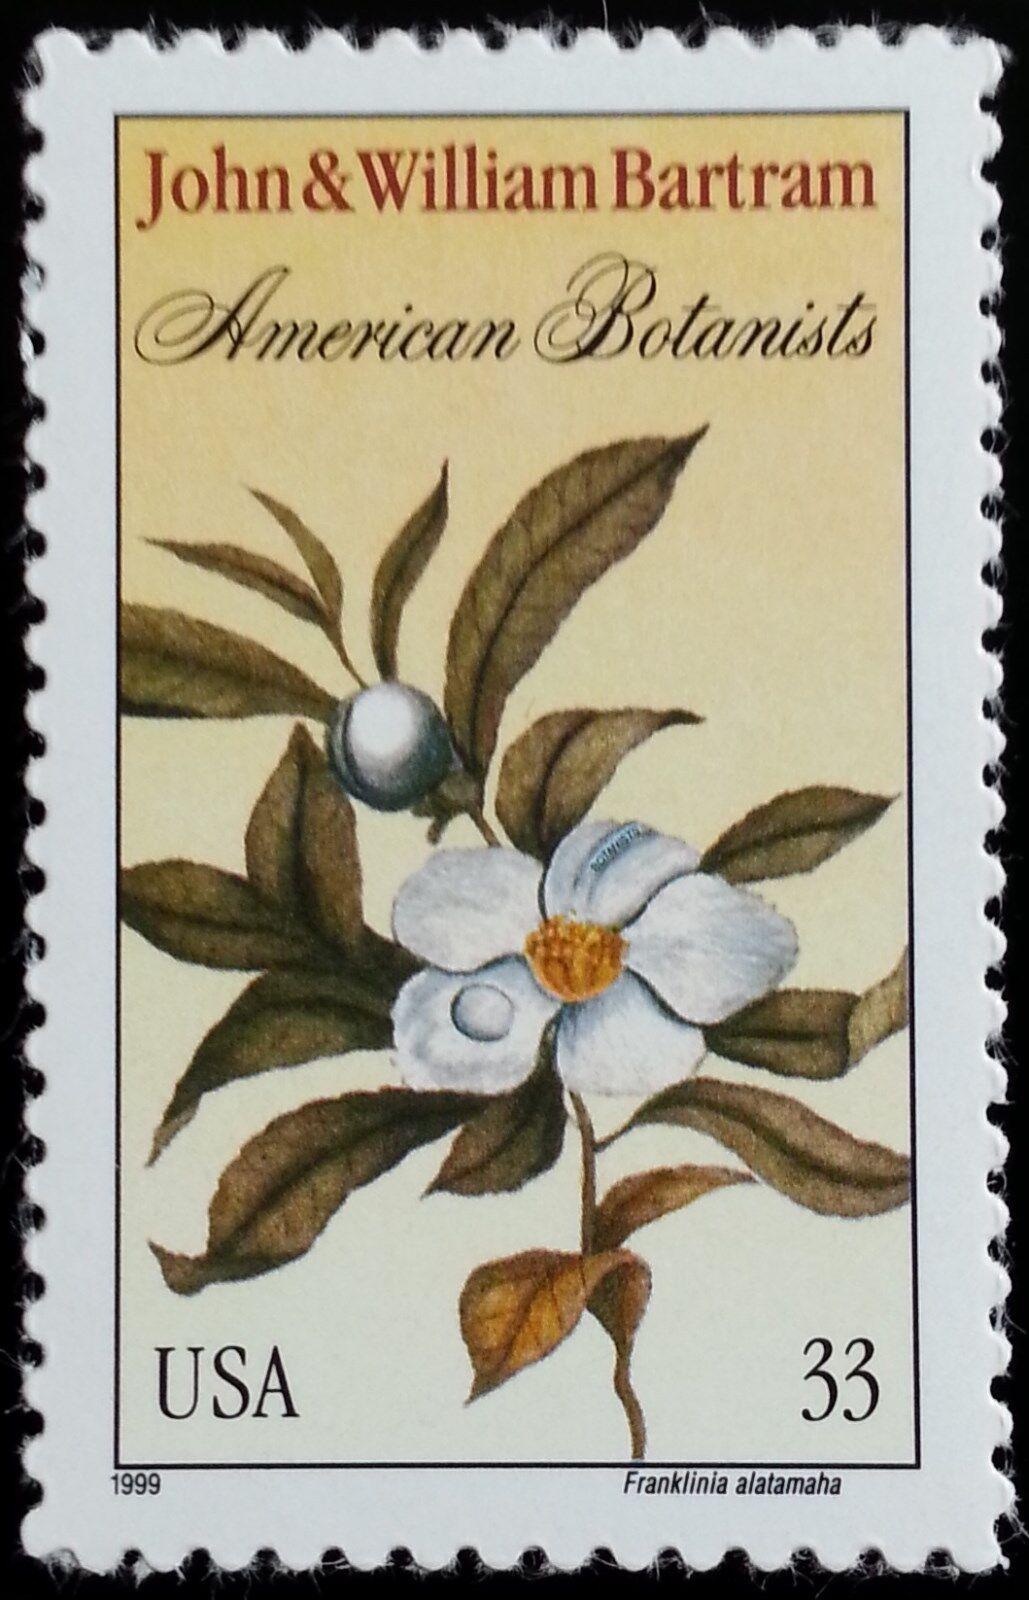 1999 33c John & William Bartram, Botanists Scott 3314 M